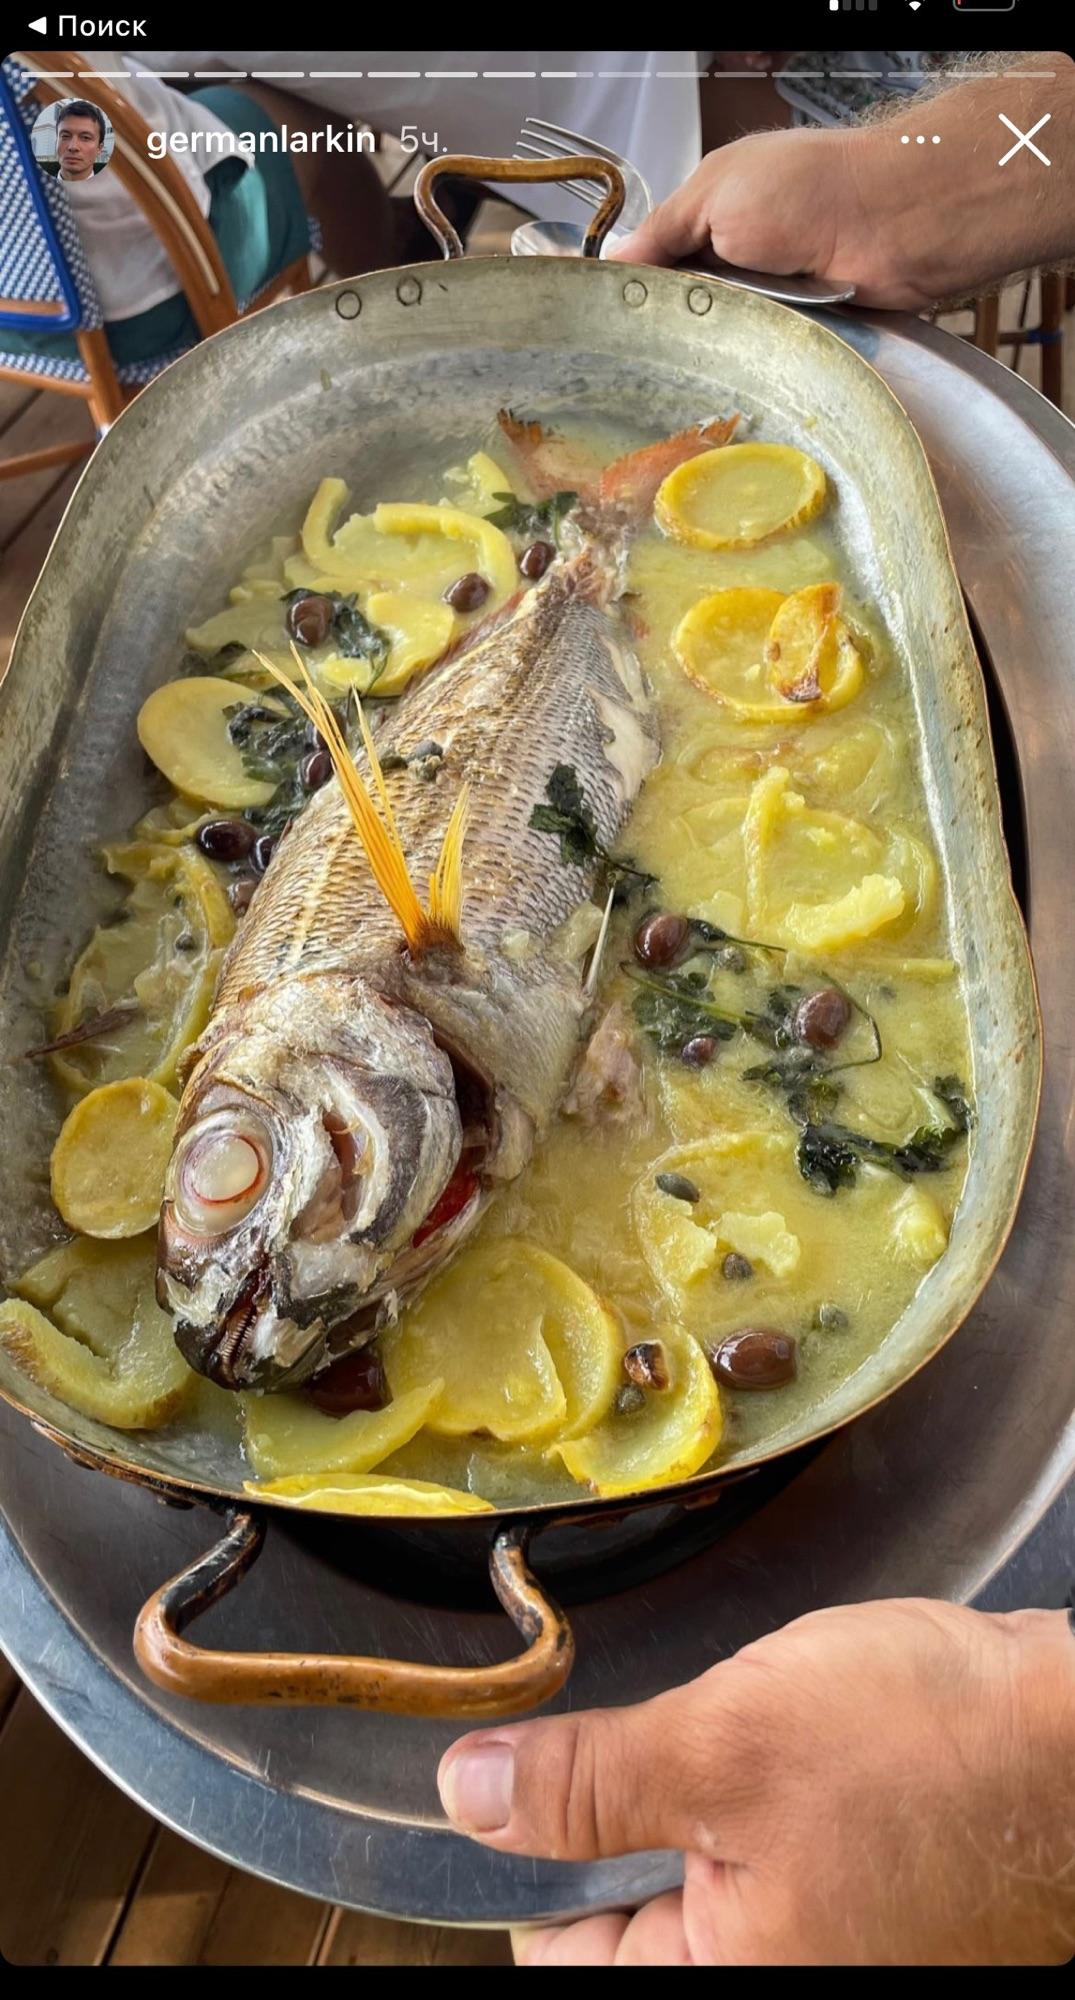 Люди едут на Капри. Люди постят рыбу. Как людям приготовили такой соус? Емкость (почти такая) найдется. Лимоны (пусть не каприйские) - найдутся. Каперсы, каламата, петрушку тоже из холодильника достану. Как сделать сам соус? Там бульон был? Вода?